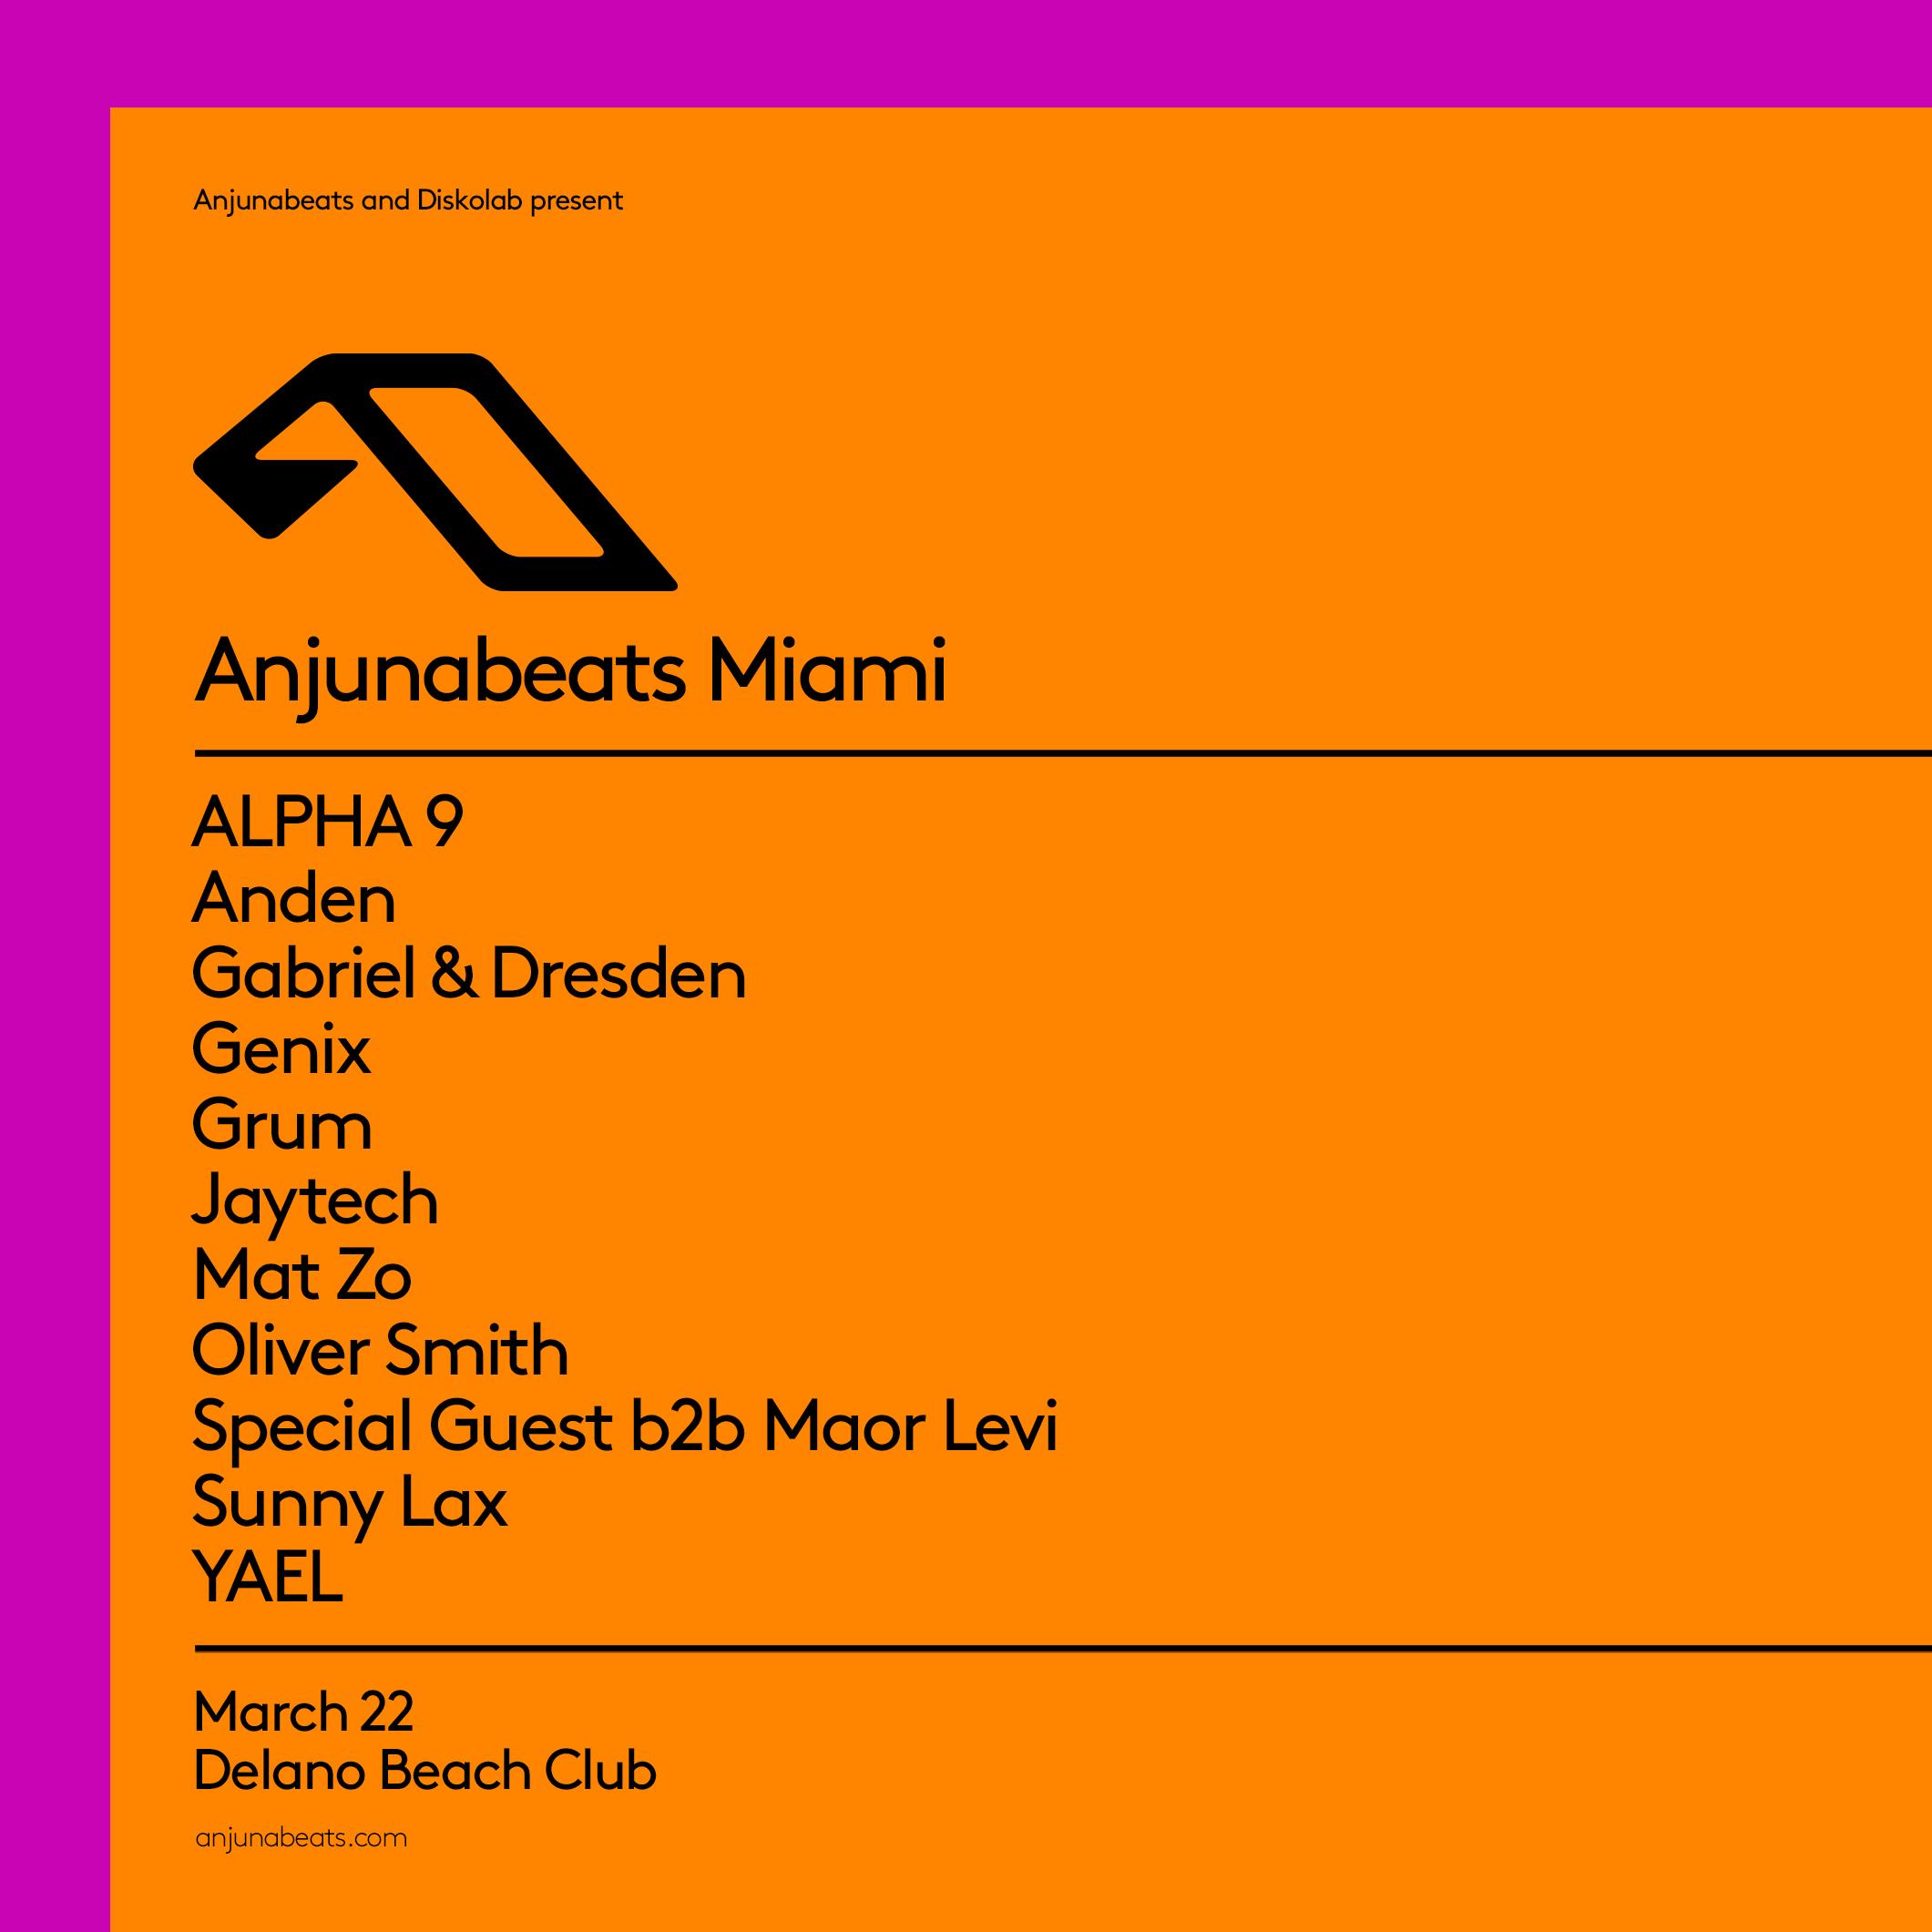 Anjunabeats Miami 2020 Lineup